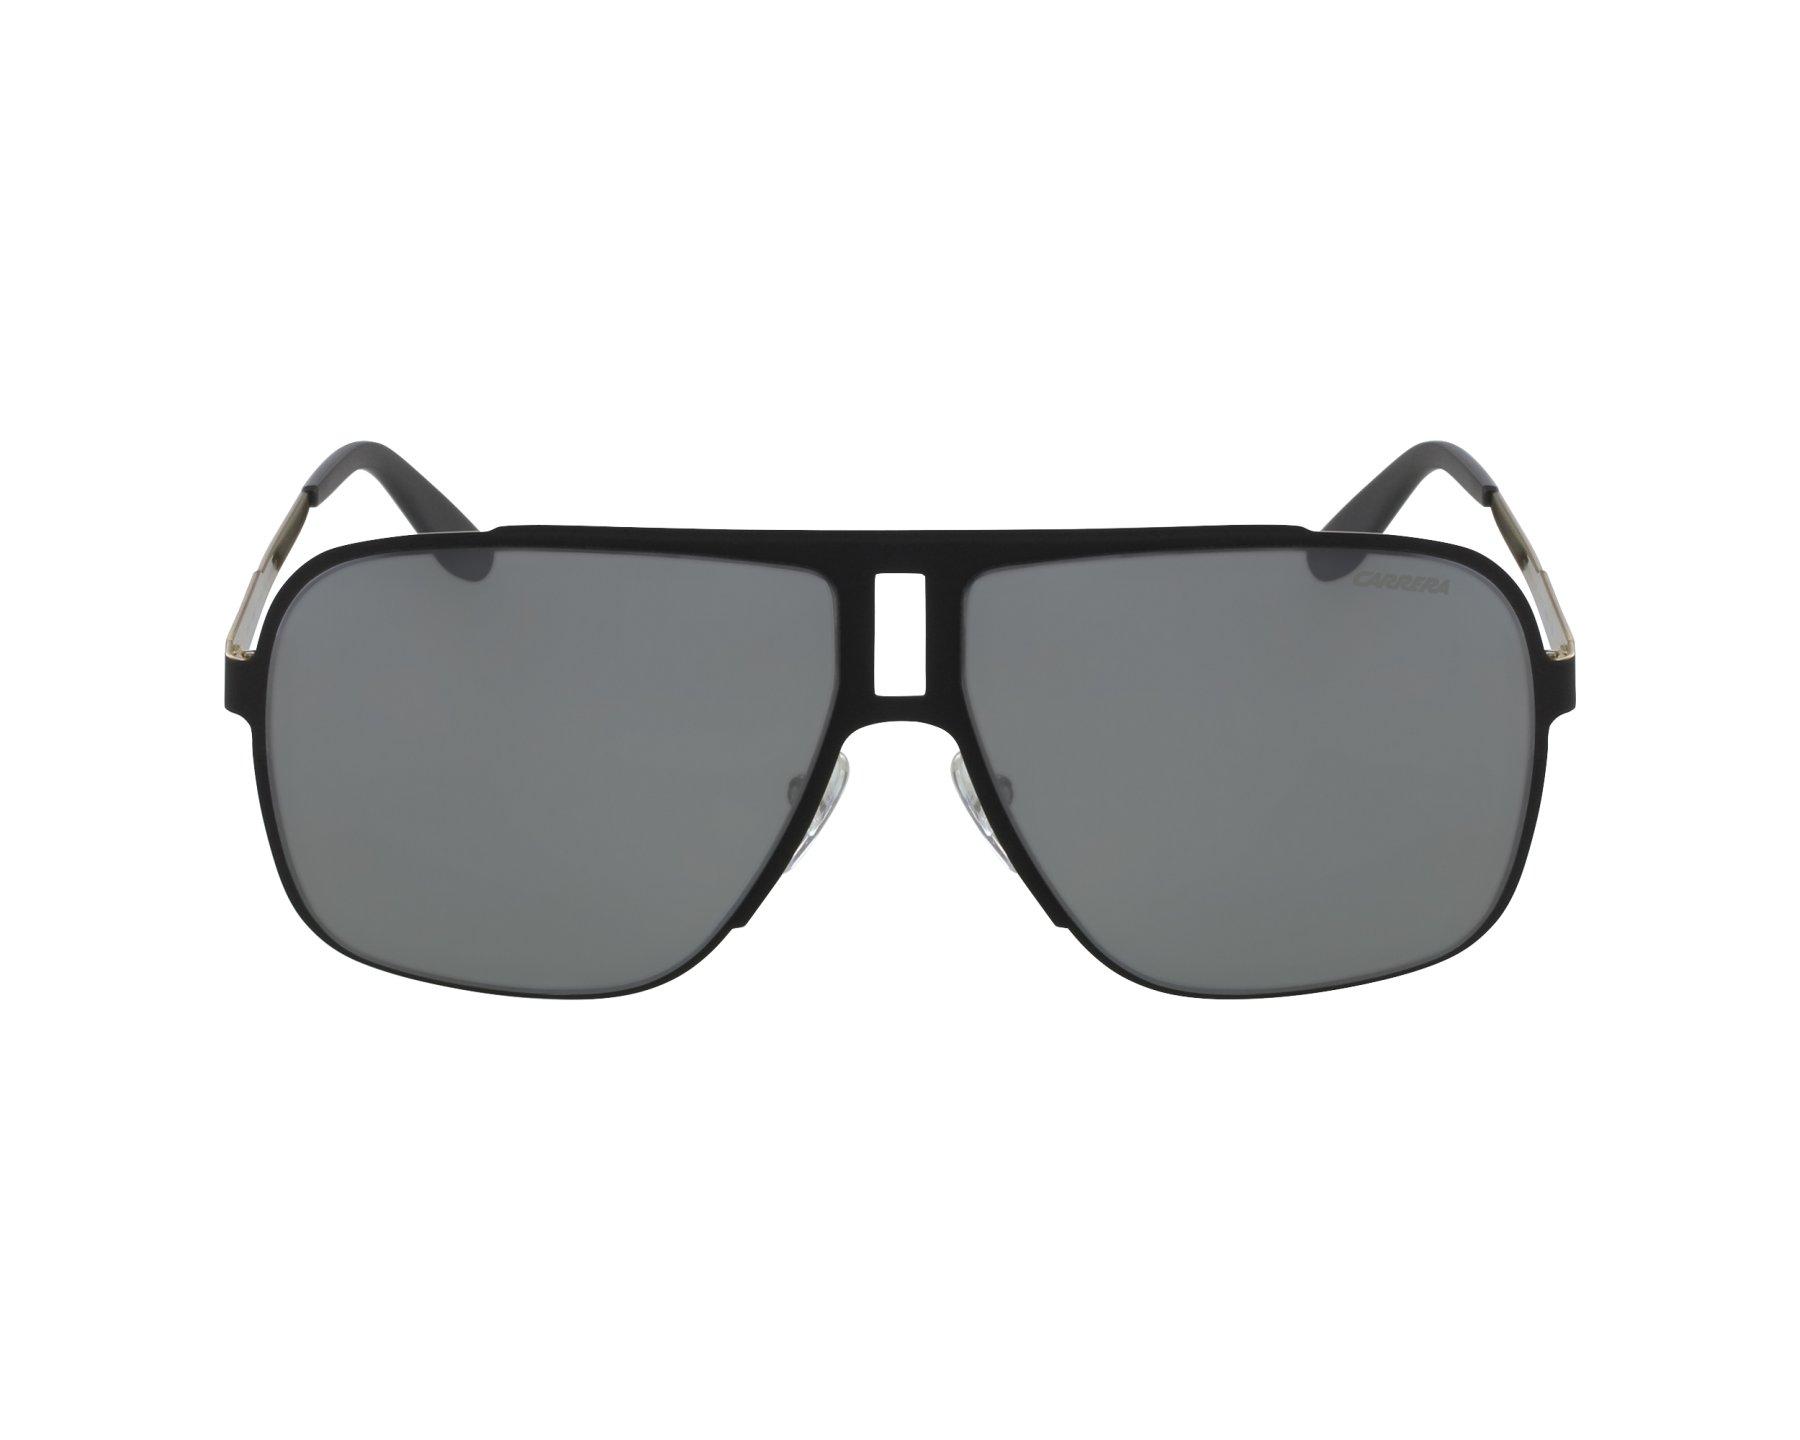 e146046fdb Sunglasses Carrera Carrera-121-S VOG/T4 62-12 Black Gold profile